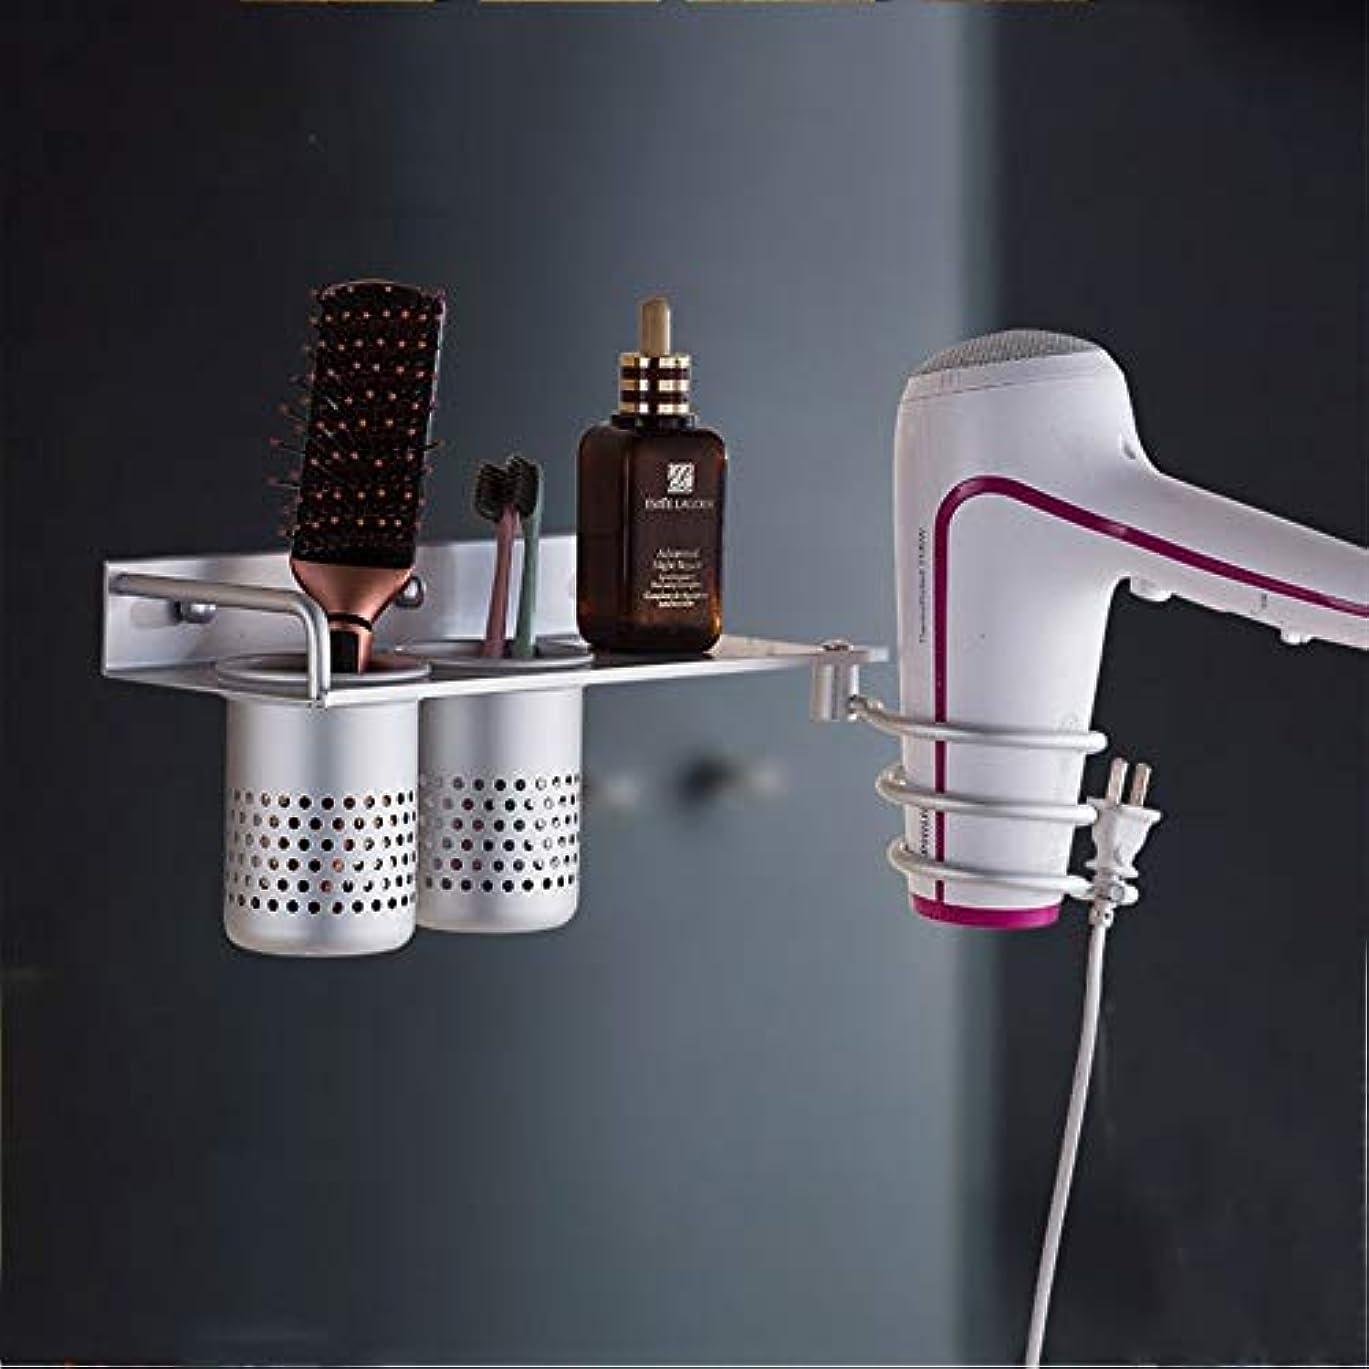 迷惑チップ金銭的なヘアドライヤーホルダーウォールマウント、ほとんどのヘアドライヤーに適したアルミニウムヘアドライヤーオーガナイザー